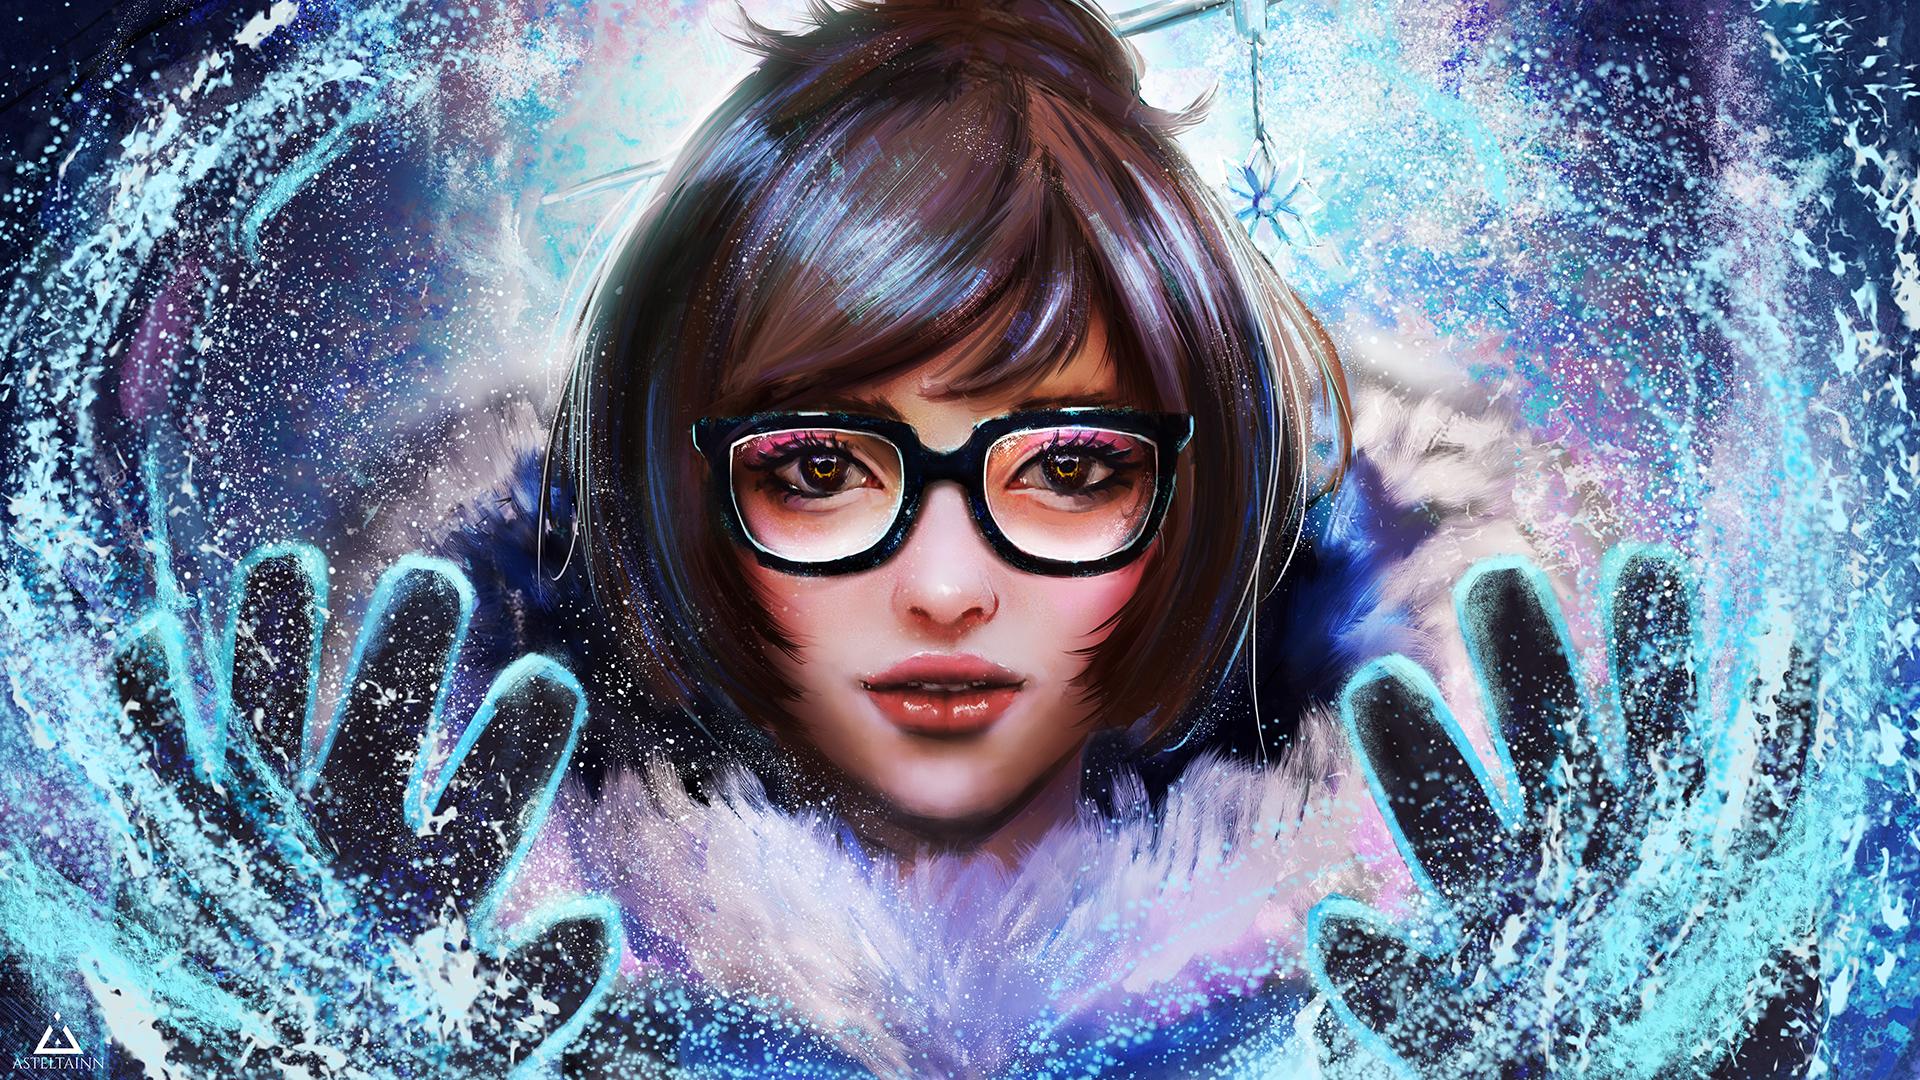 Mei overwatch hd games 4k wallpapers images - Mei wallpaper ...